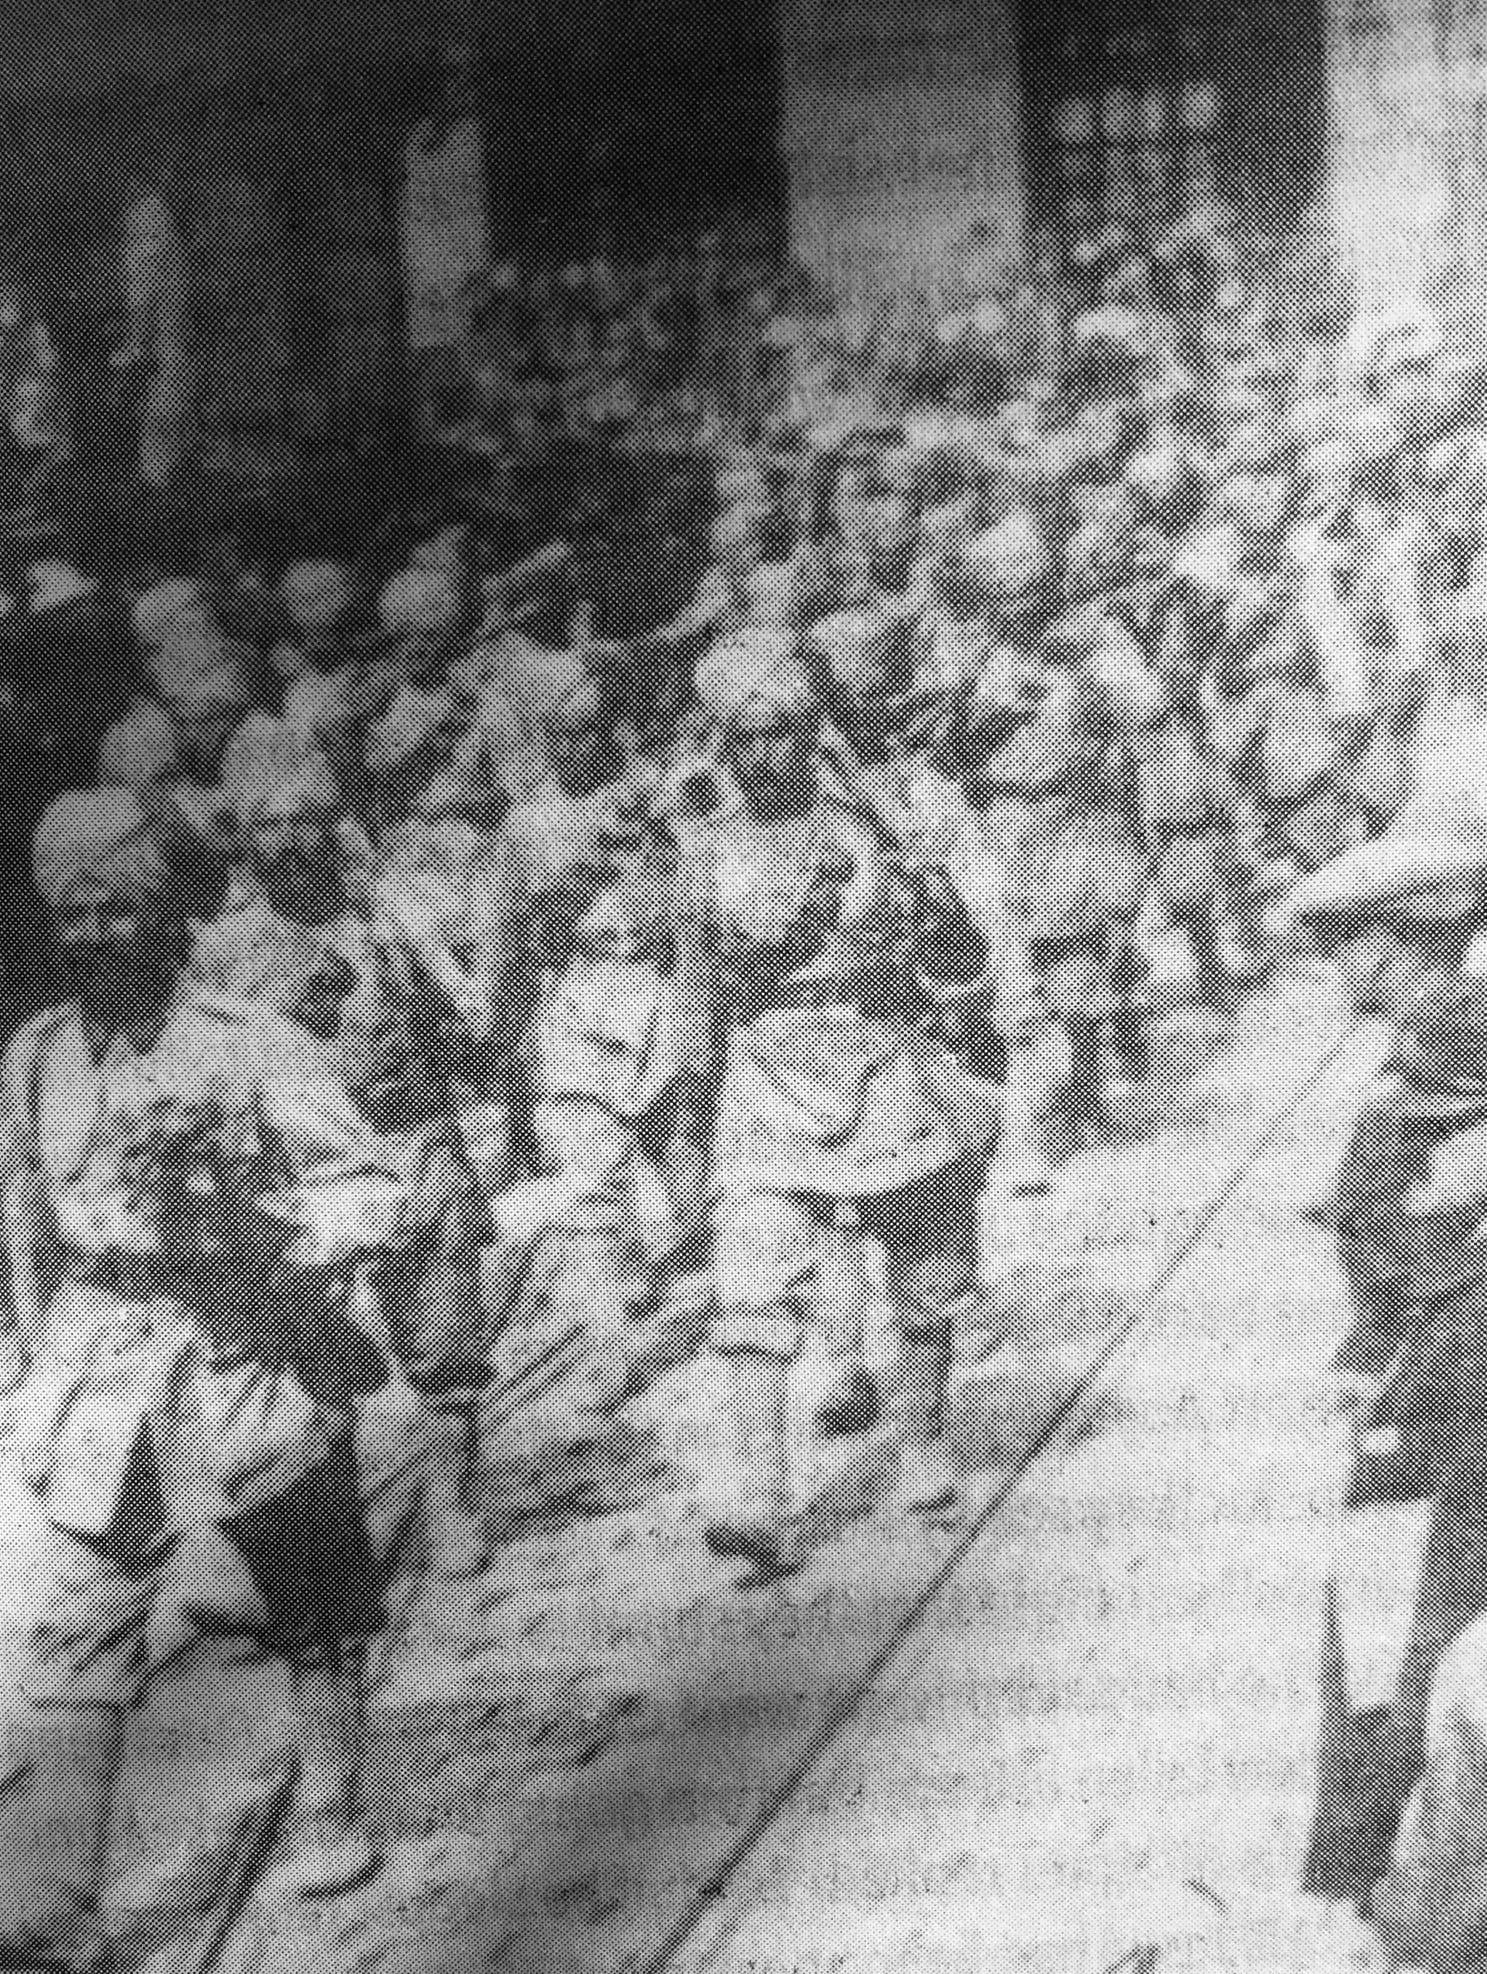 మొదటి ప్రపంచ యుద్ధంలో జాట్ రెజిమెంట్. Image Credit: British High Commission, New Delhi.